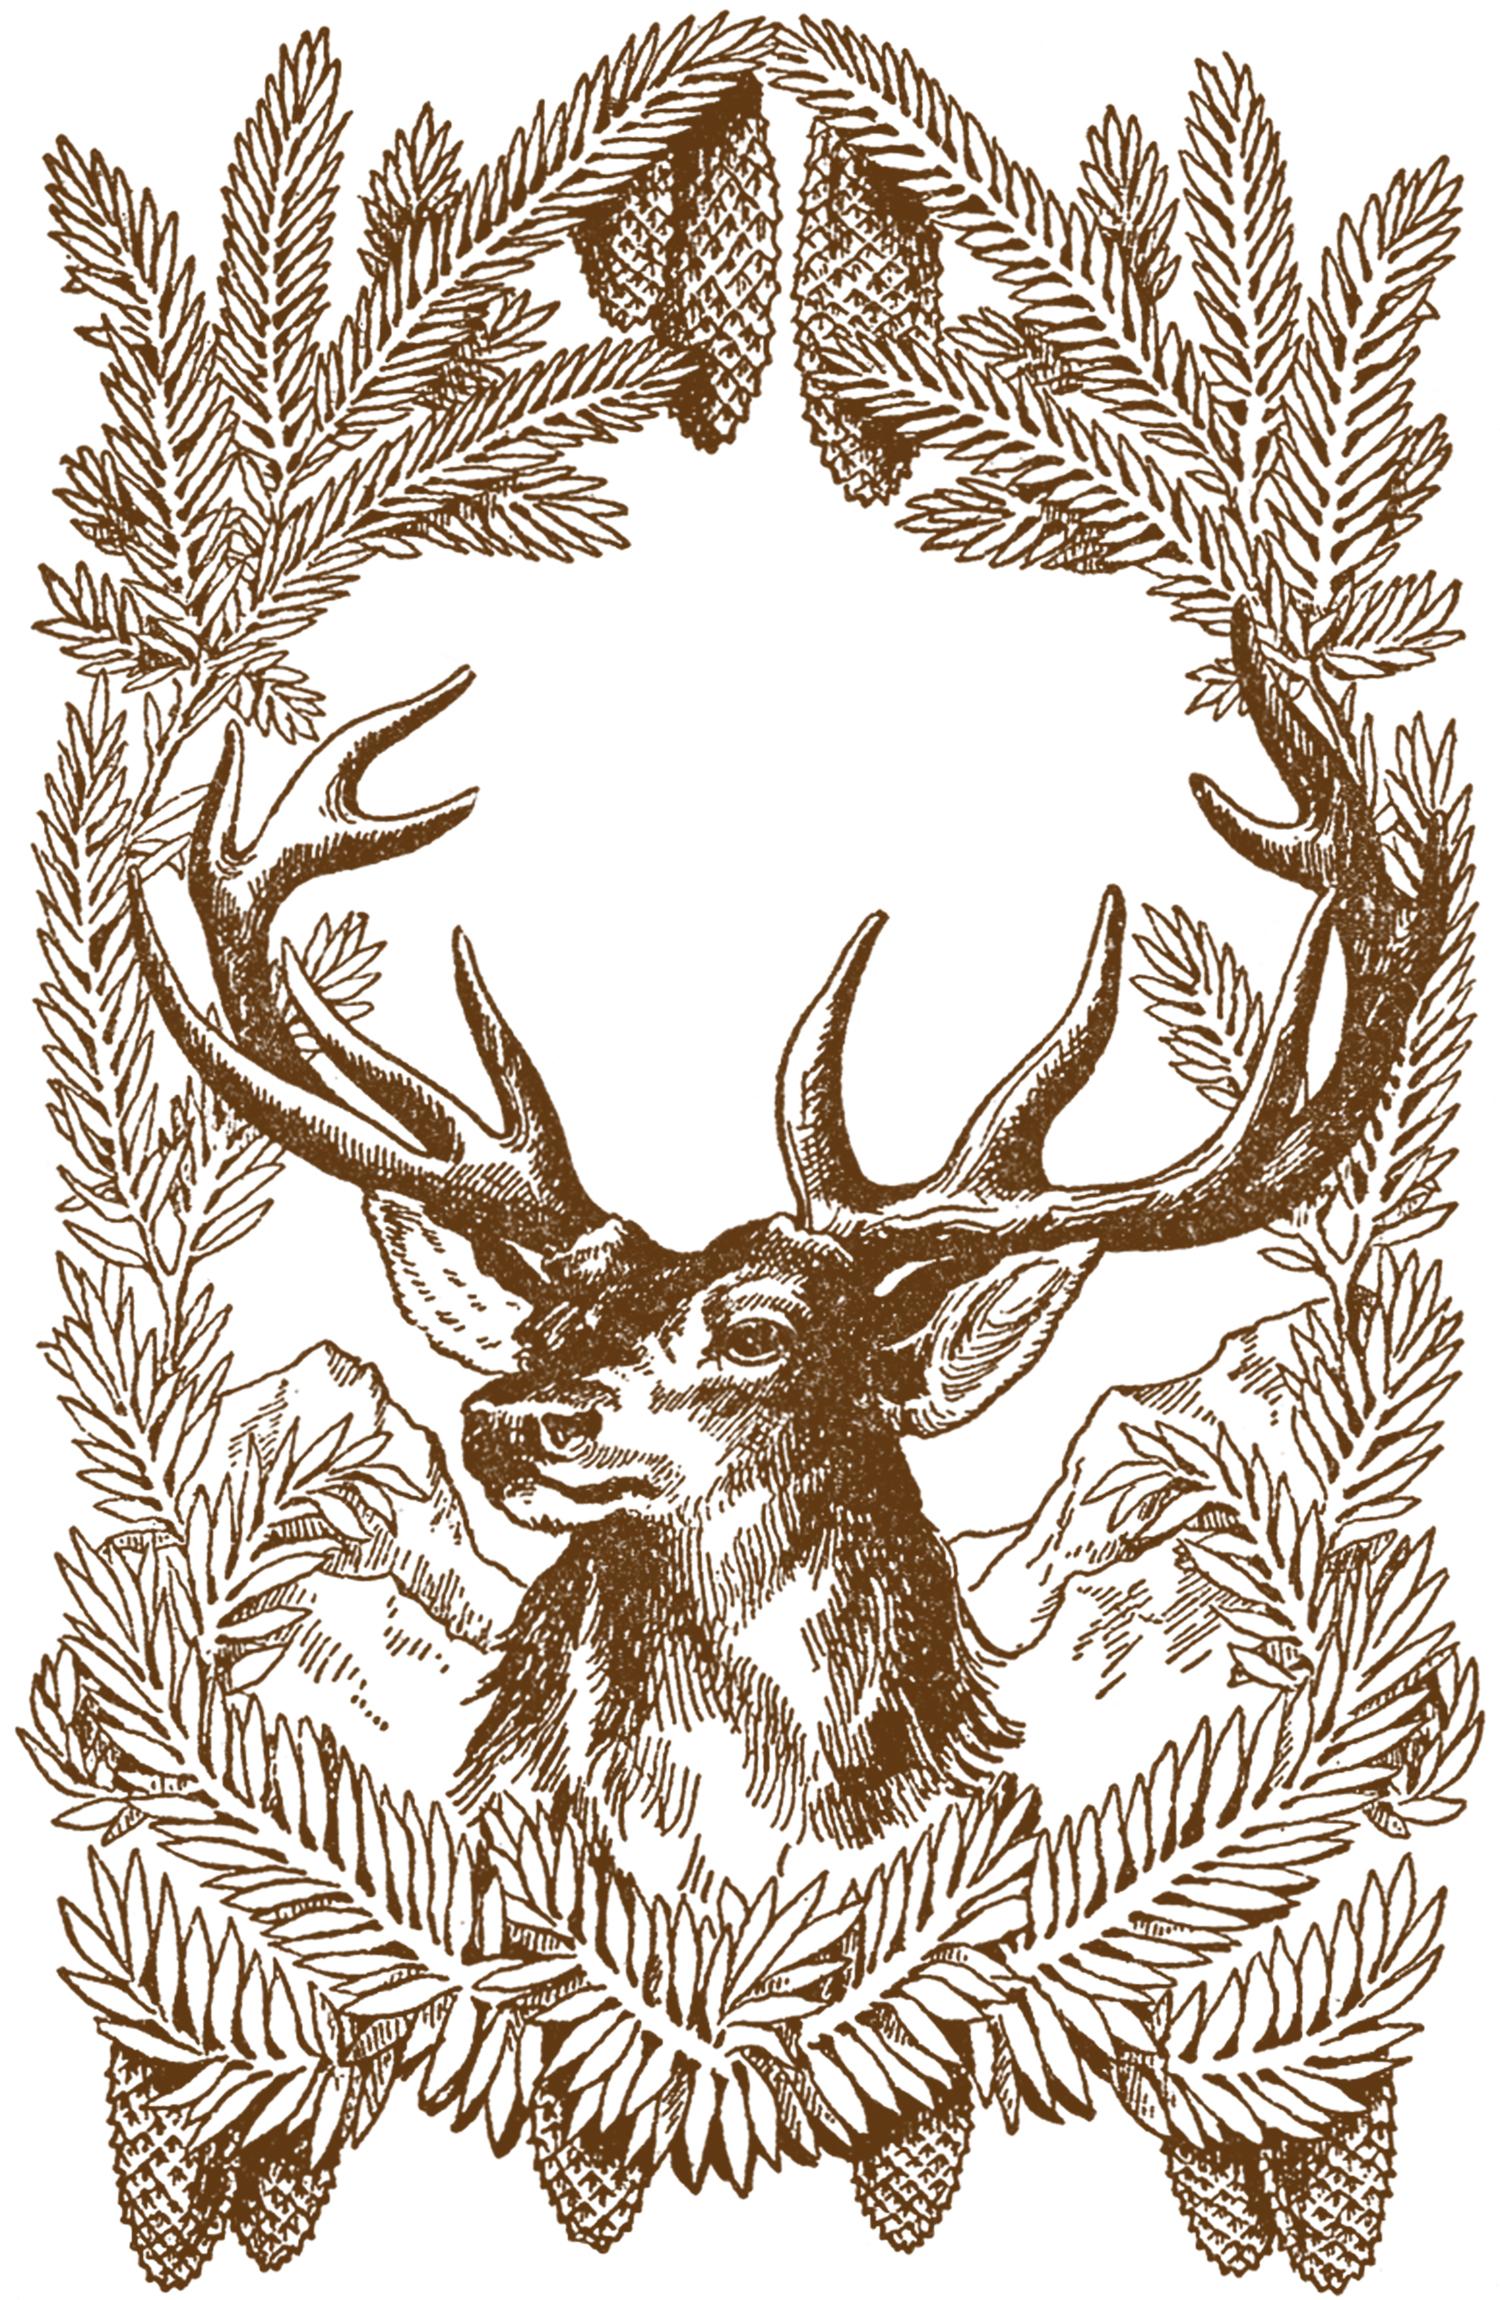 Vintage holiday deer art - unknown artist.